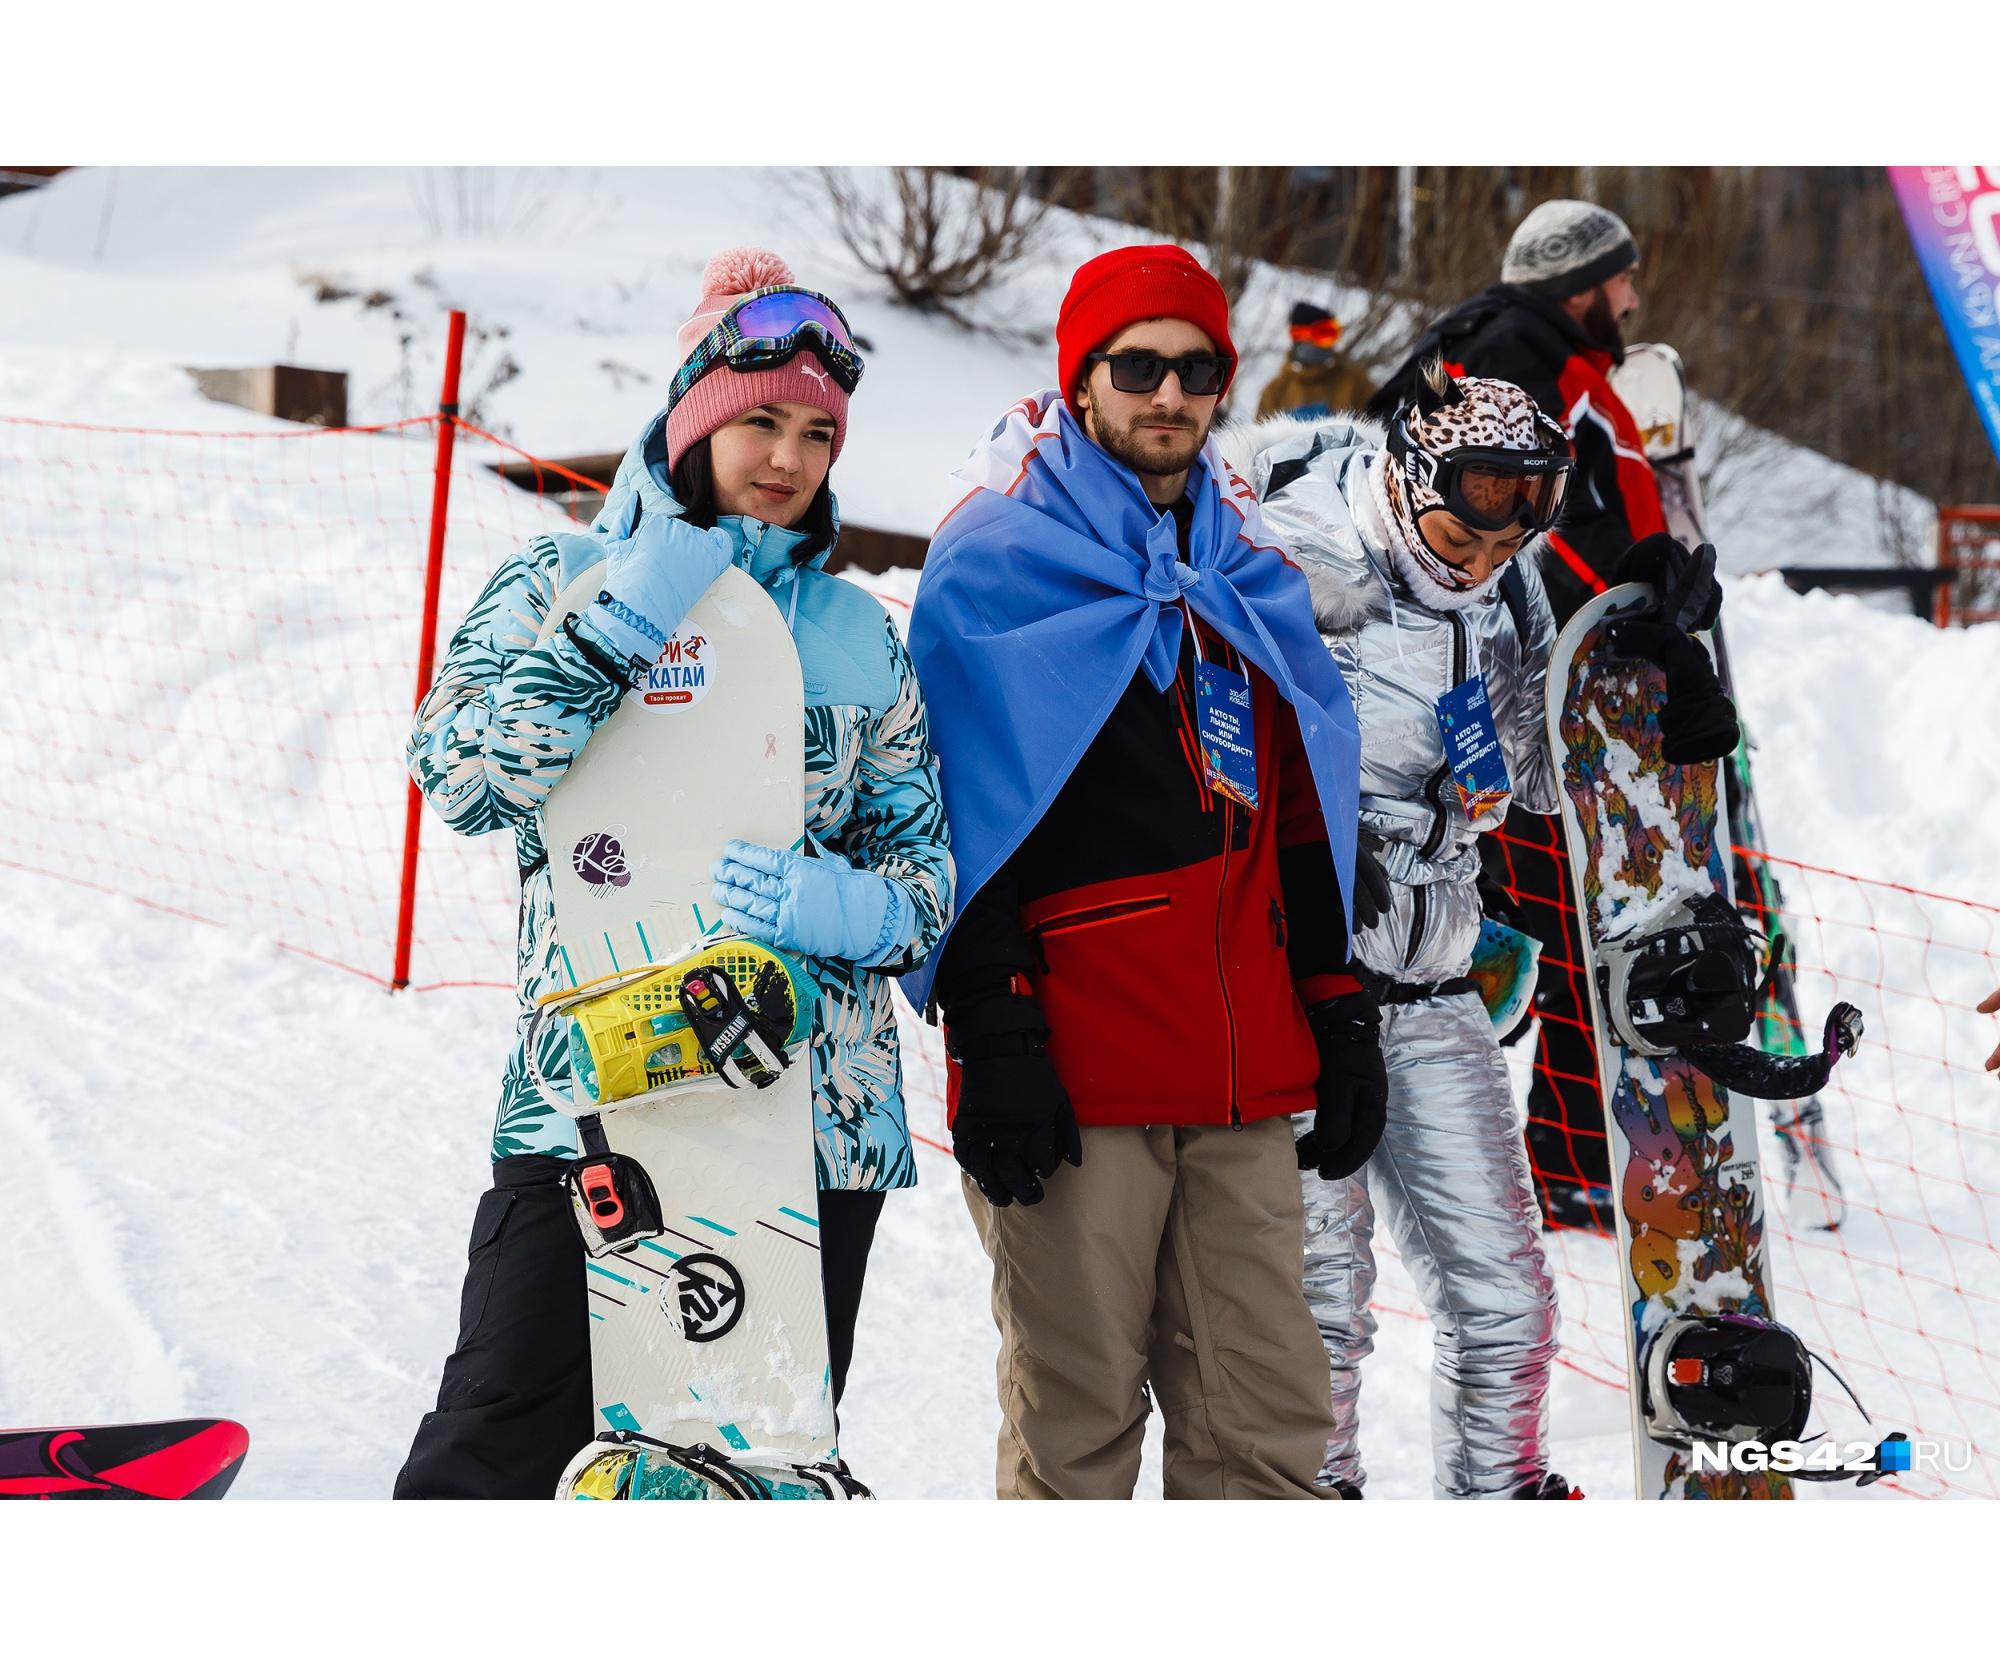 Власти Кузбасса запретили выдавать в аренду шлемы, маски, балаклавы, перчатки и горнолыжные костюмы